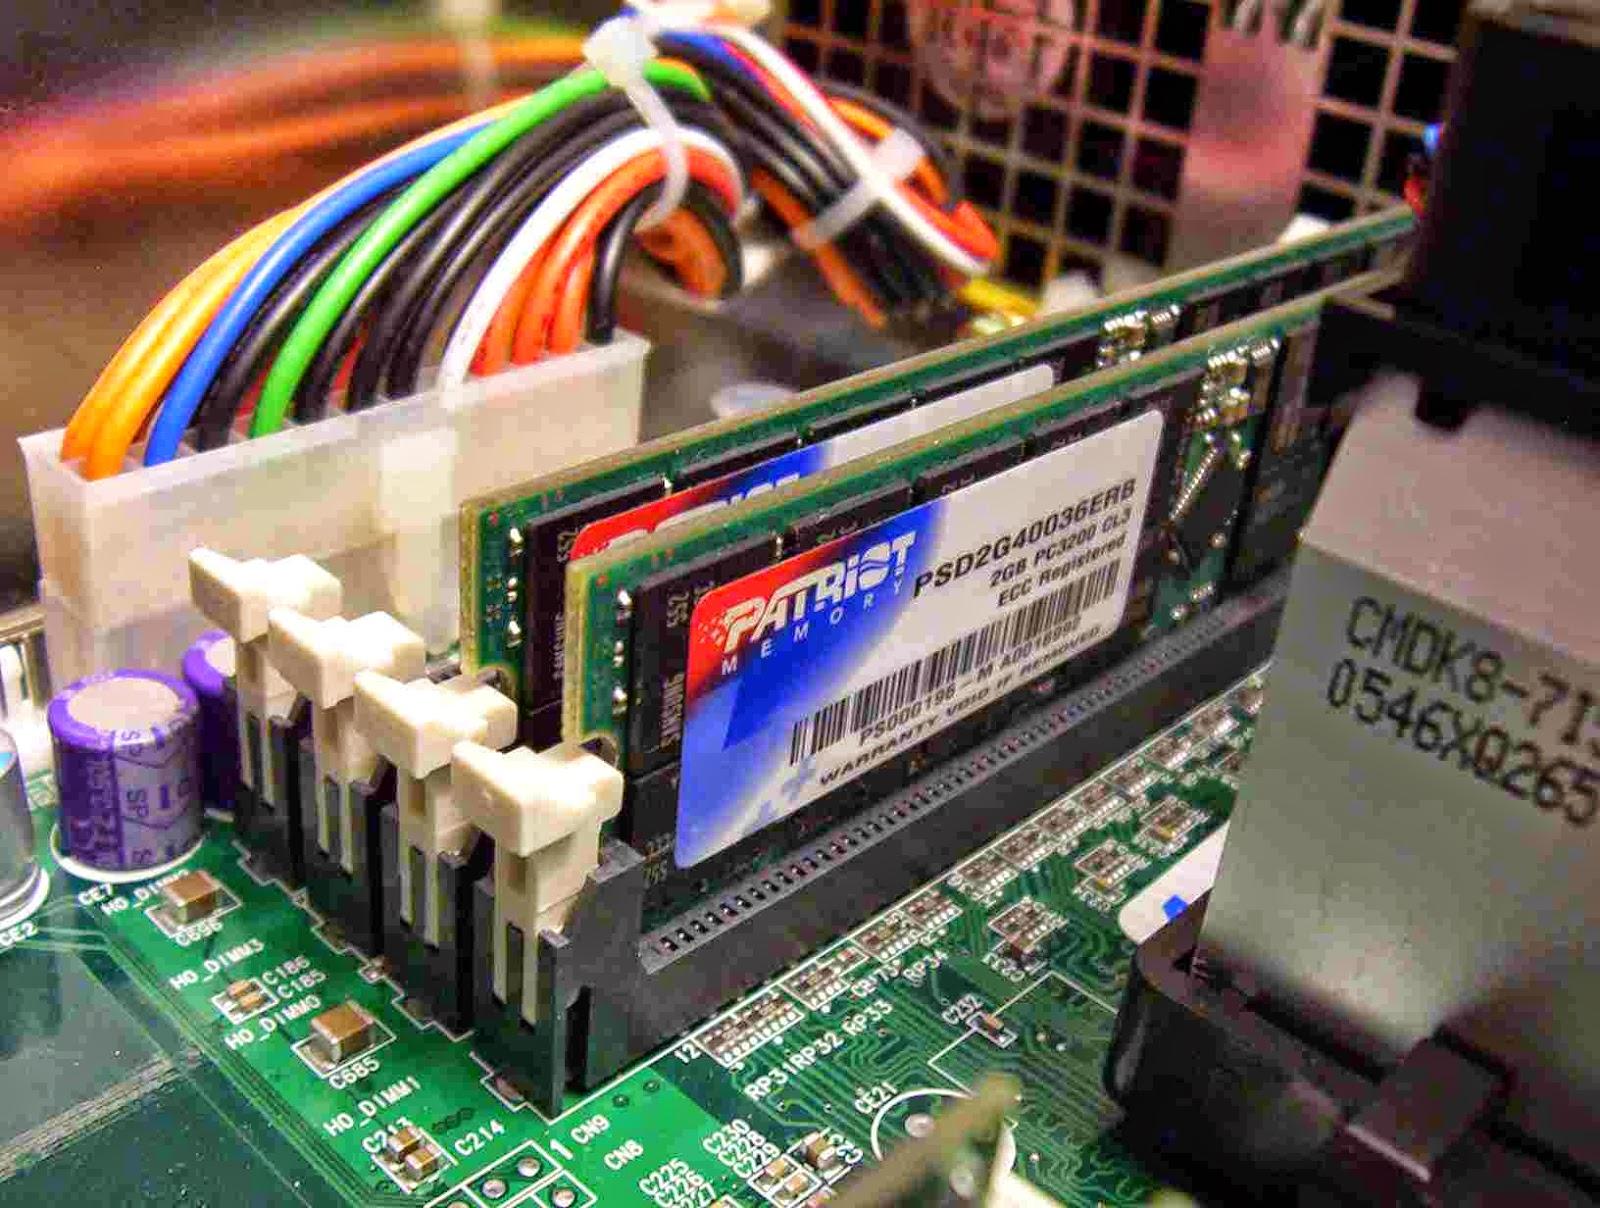 طريقة تنظيف رامات الكمبيوتر وتسريعه واصلاحها